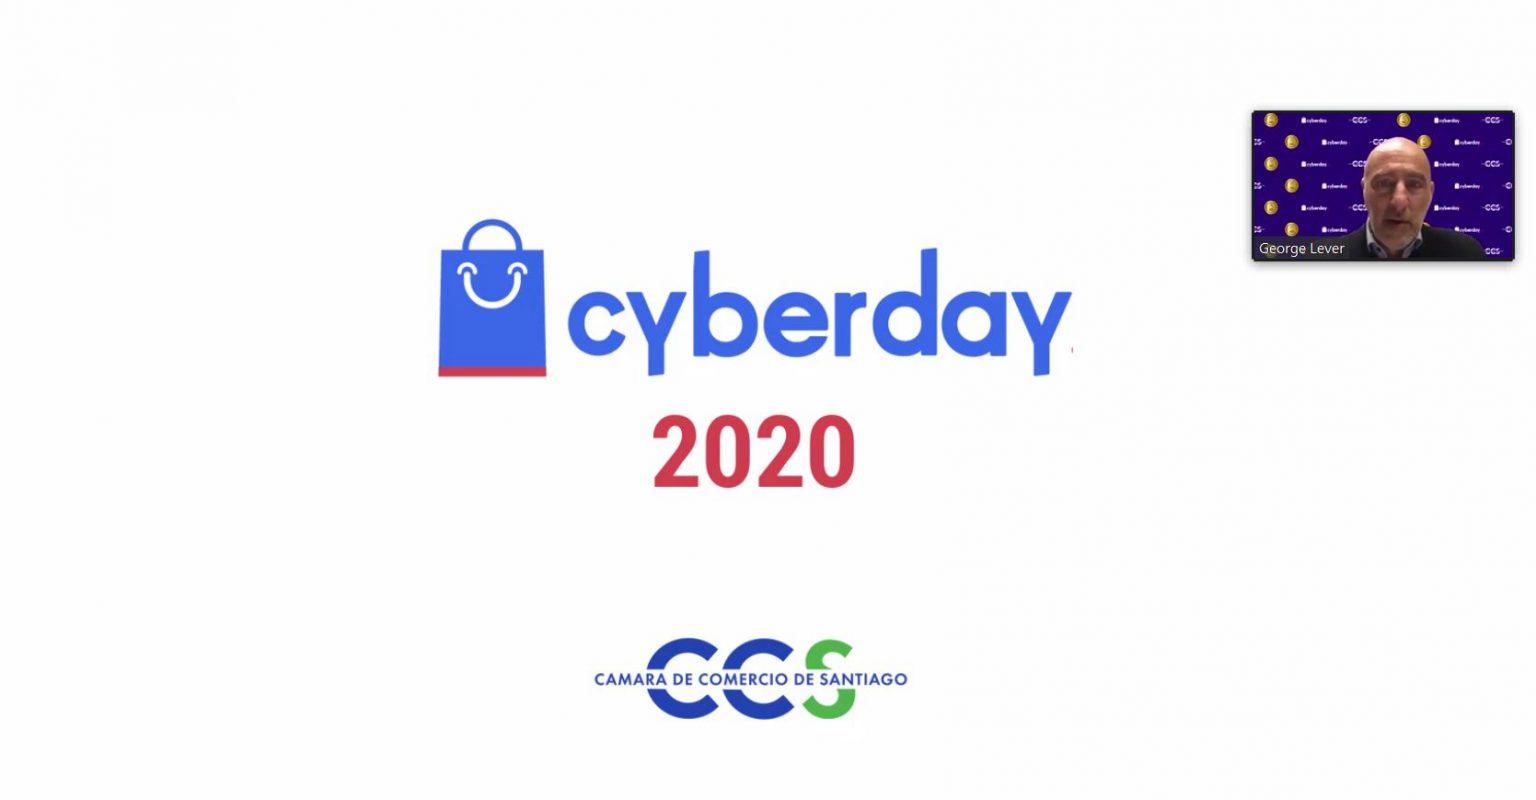 31 AGO: COMIENZA CYBERDAY 2020 CON ÉNFASIS EN FUNDACIONES Y EMPRESAS MÁS AFECTADAS POR LA CRISIS